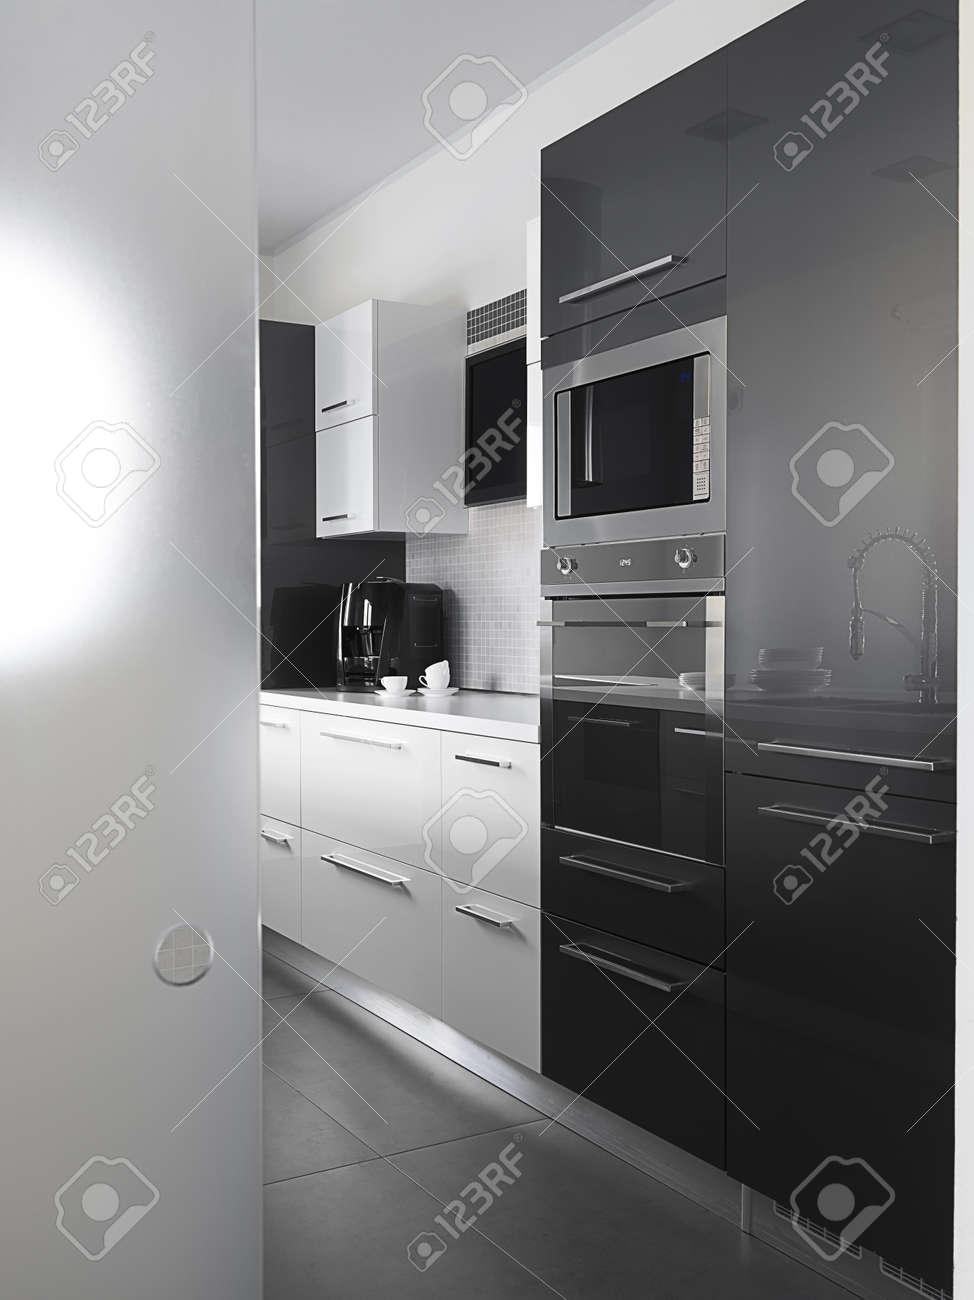 Moderne Küche Mit Grauen Fliesenboden Und Weiße Wand Lizenzfreie ...